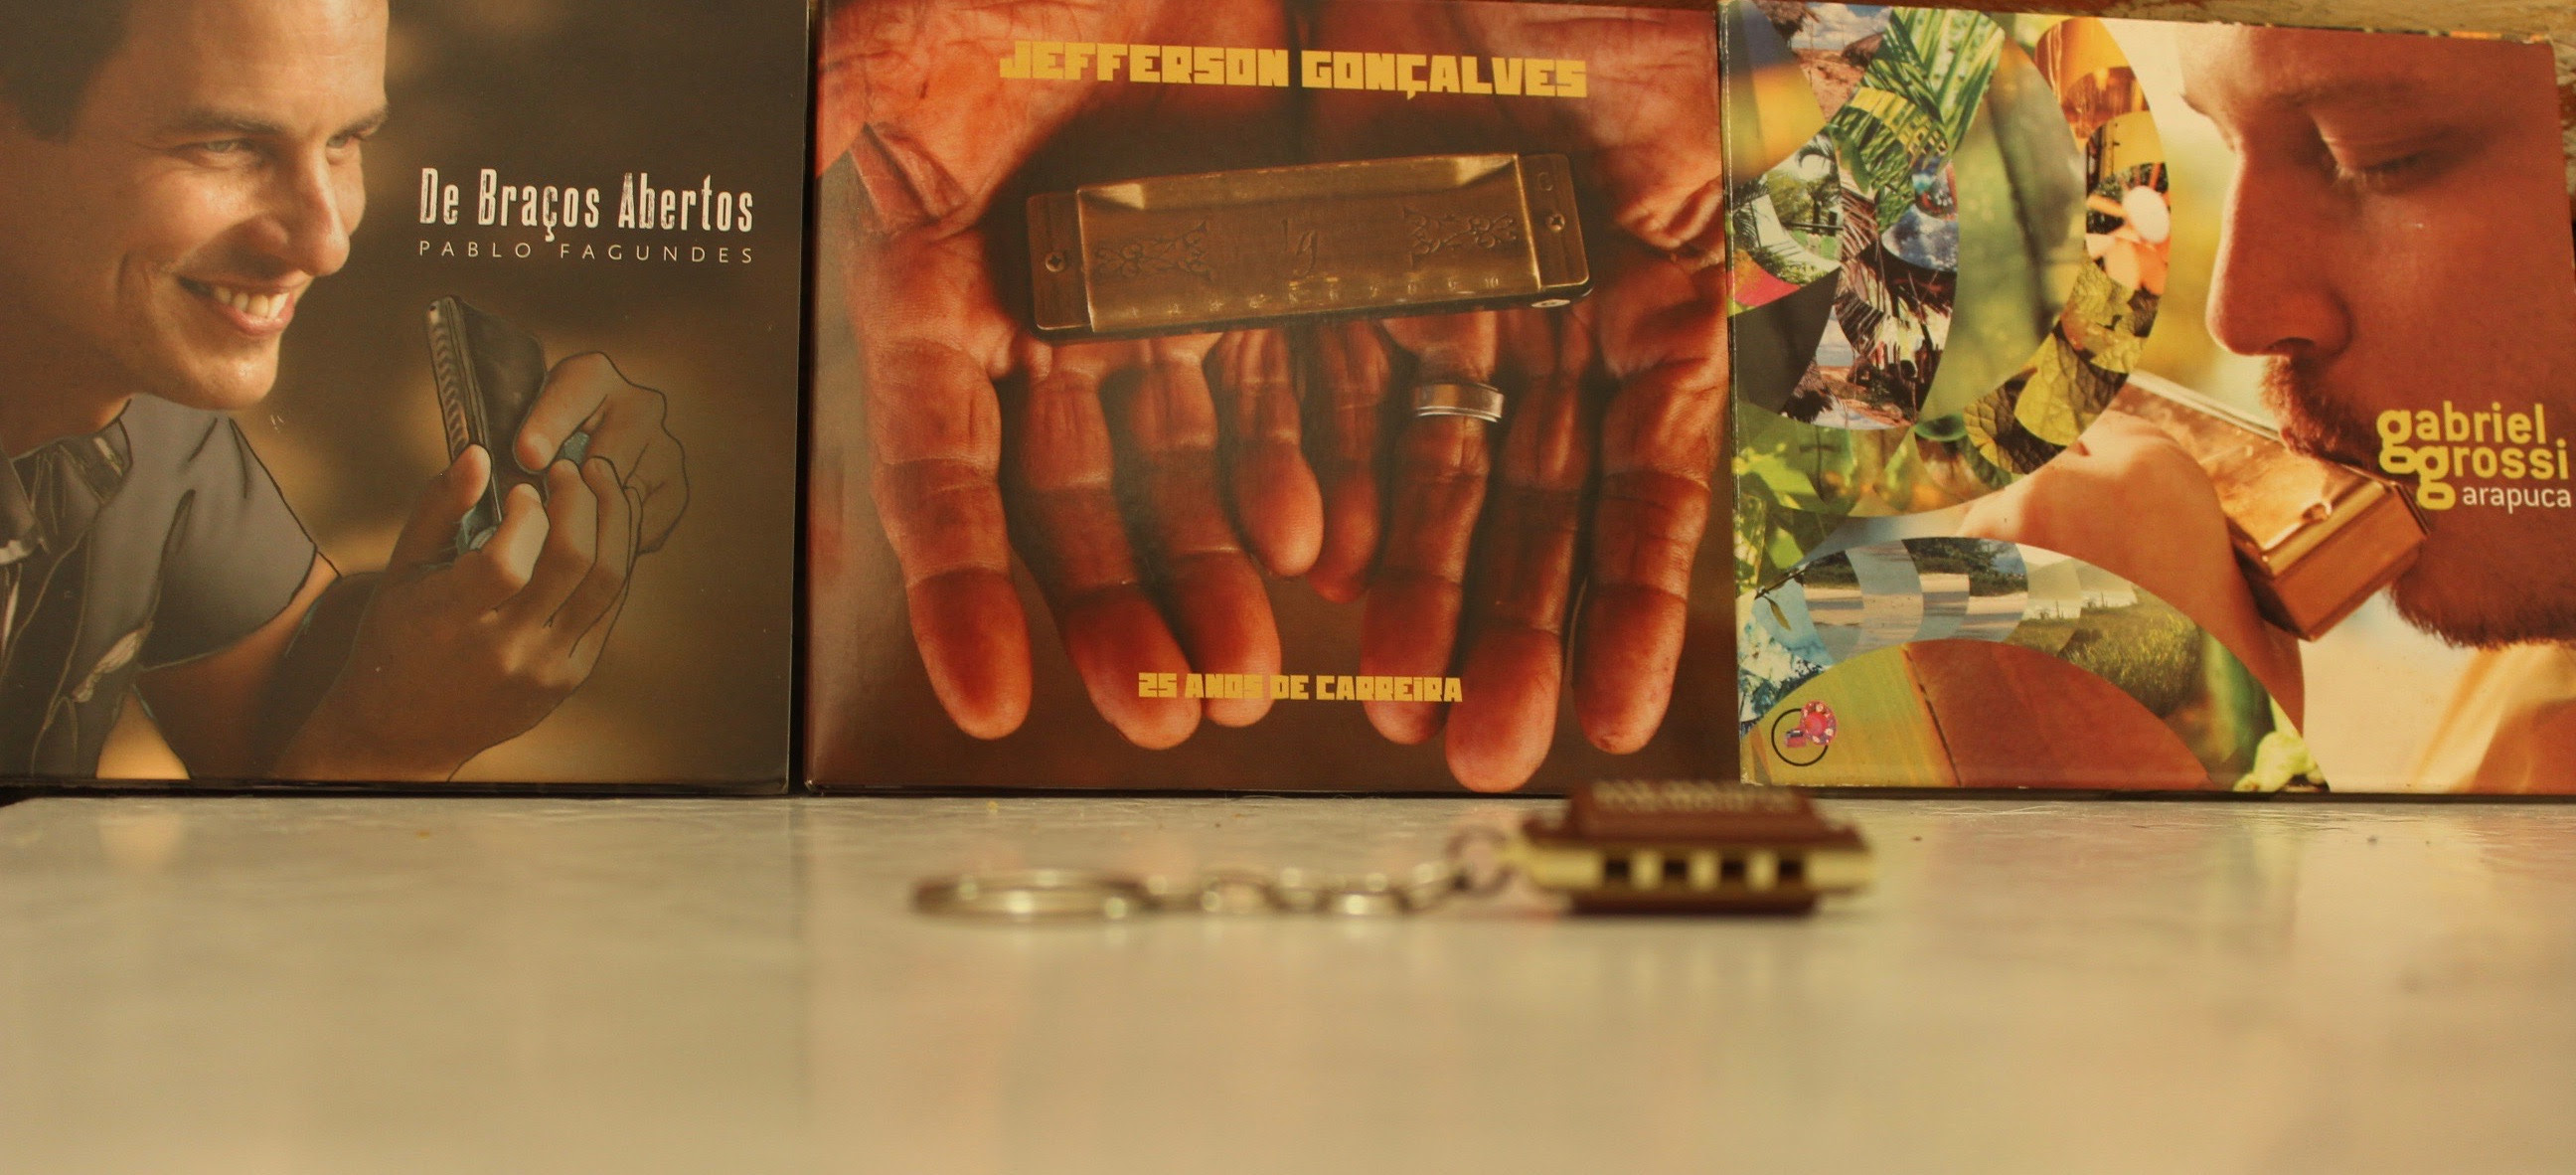 (Algumas das recompensas: chaveiro e cd de 3 dos gaitistas envolvidos)